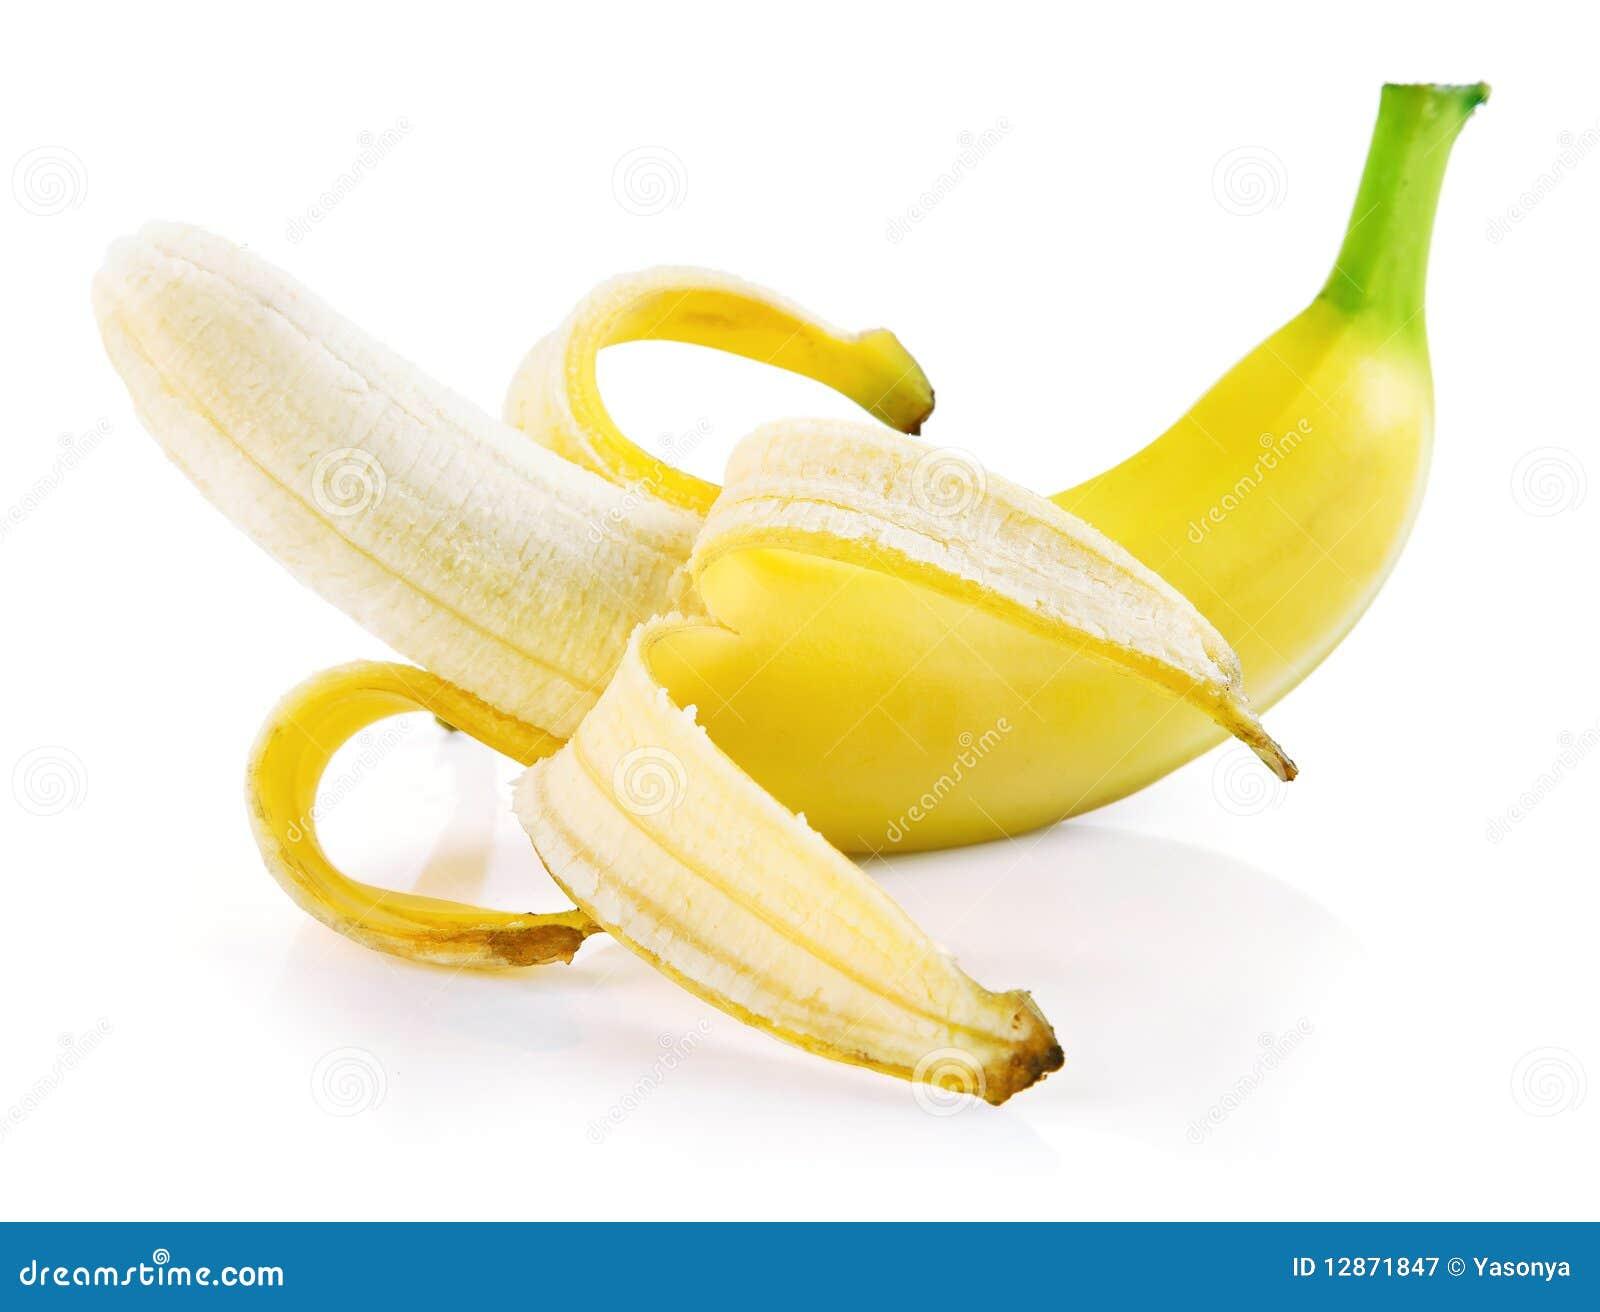 single fresh banana fruit isolated stock image image